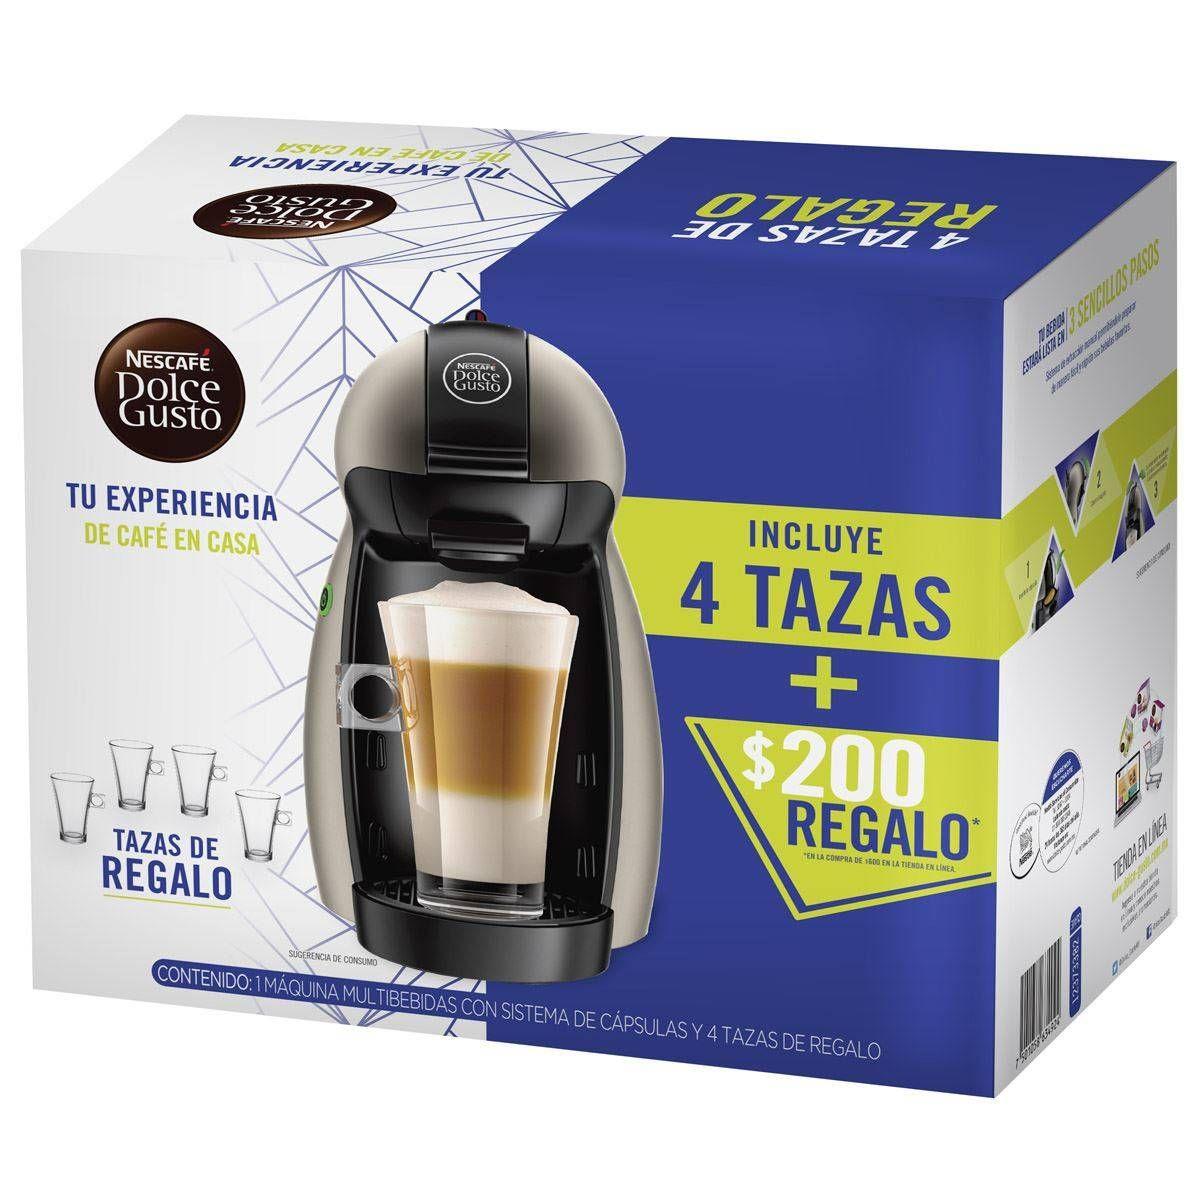 Claroshop: Cafetera Dolce Gusto + 4 tazas de regalo + $200 de regalo